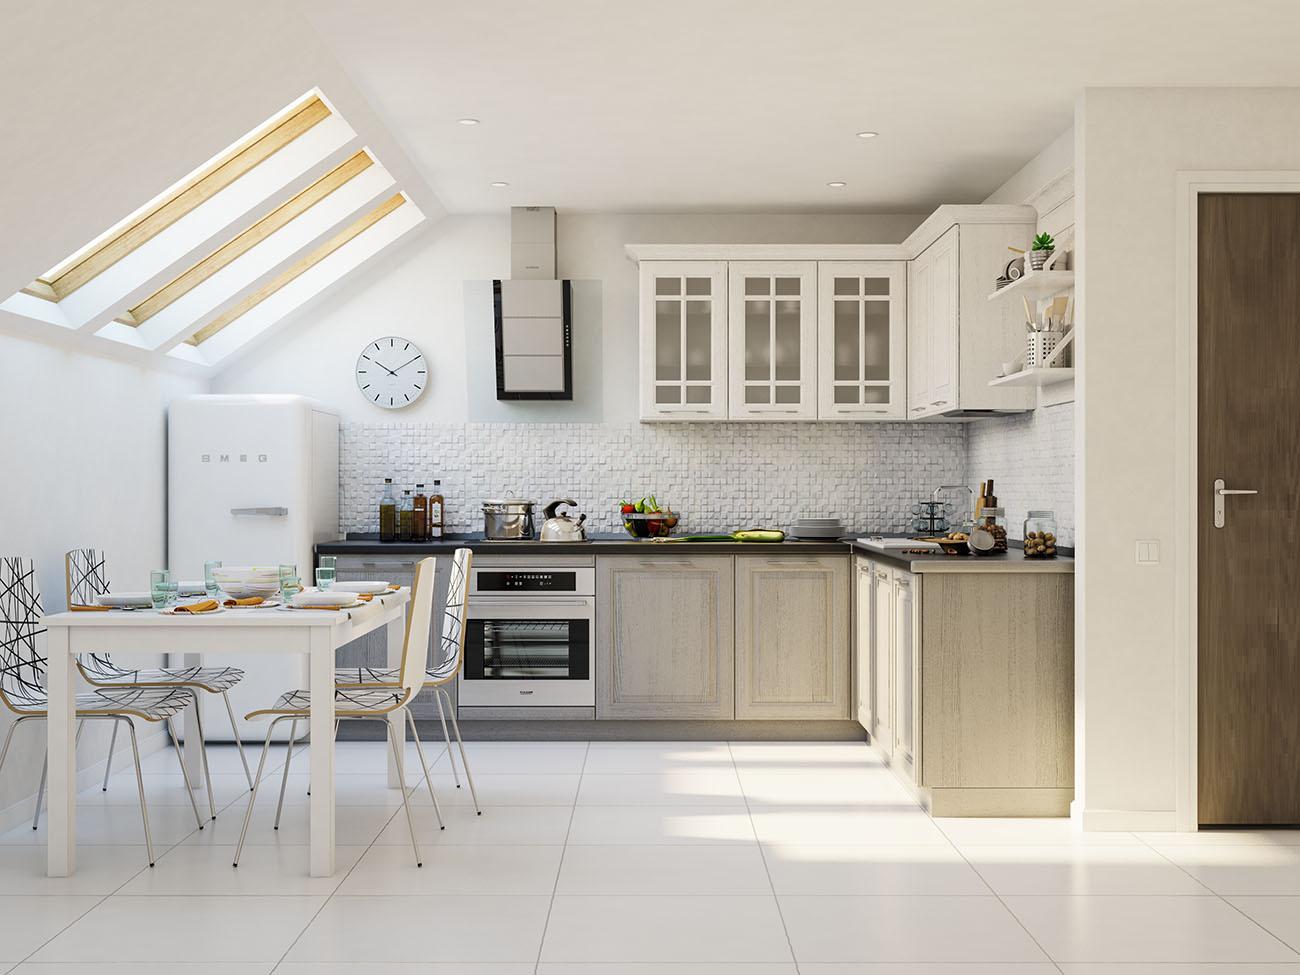 küche weiß grau moderne landhausküche einbauküche l form